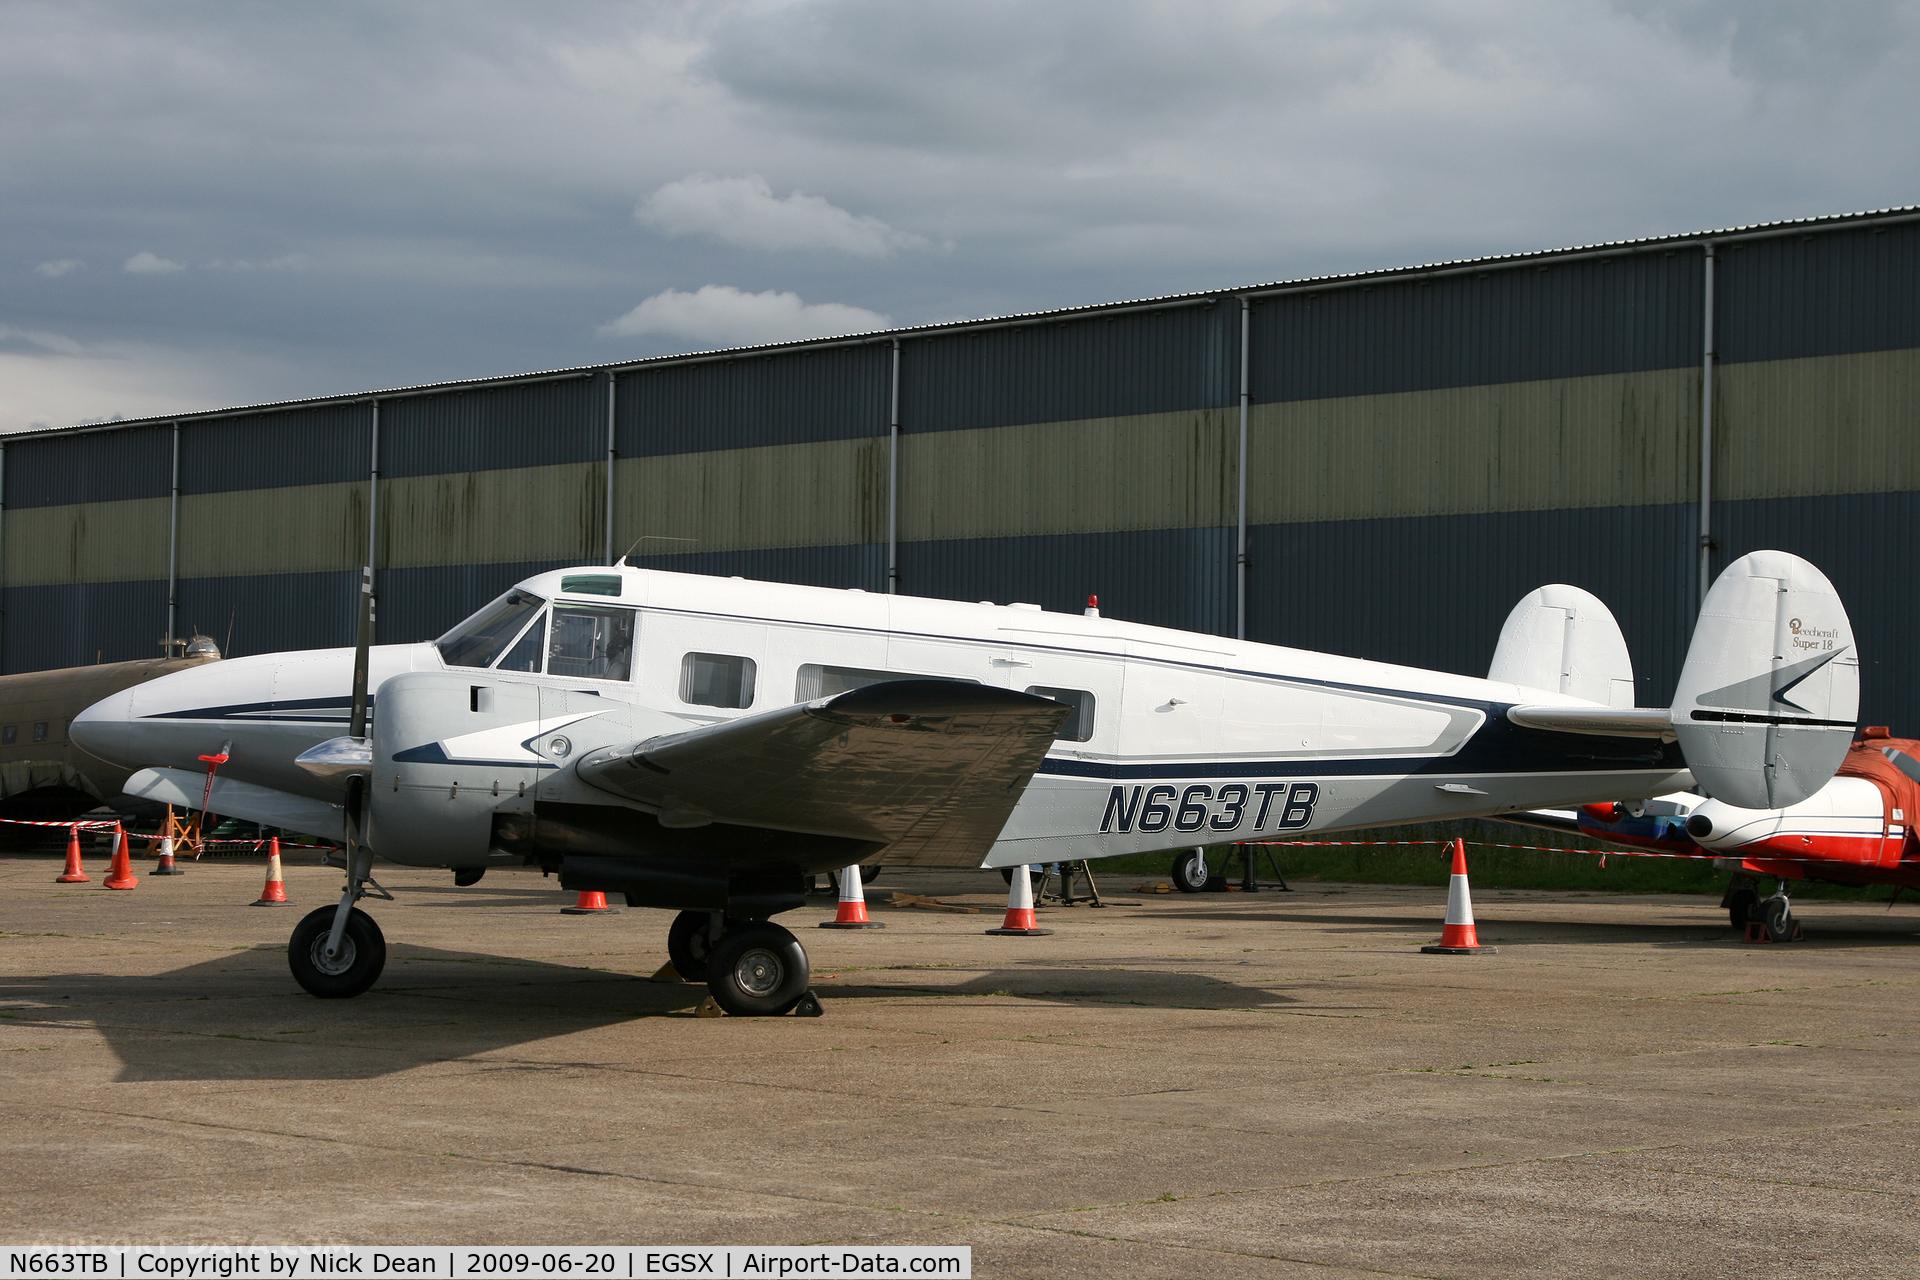 N663TB, 1964 Beech H-18 Tri-Gear C/N BA-663, EGSX